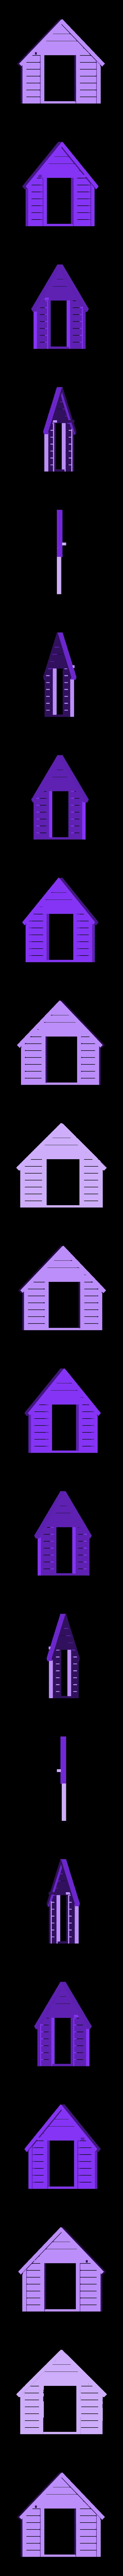 riverdoor1_2.stl Télécharger fichier STL gratuit Le moulin • Design pour imprimante 3D, Earsling